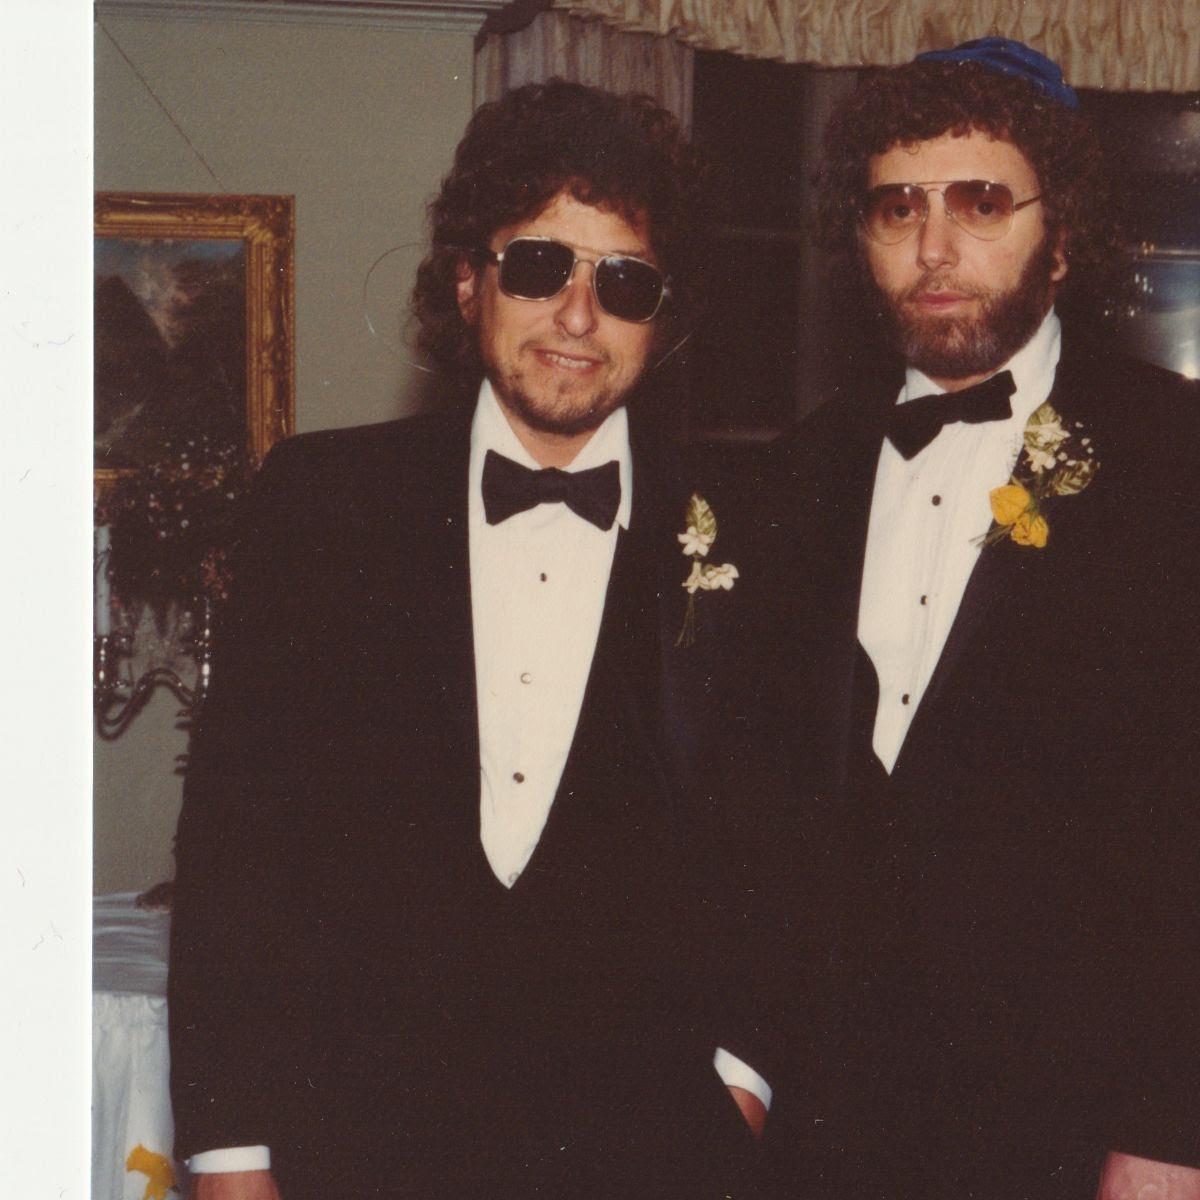 Bob as best man at Louis' wedding.